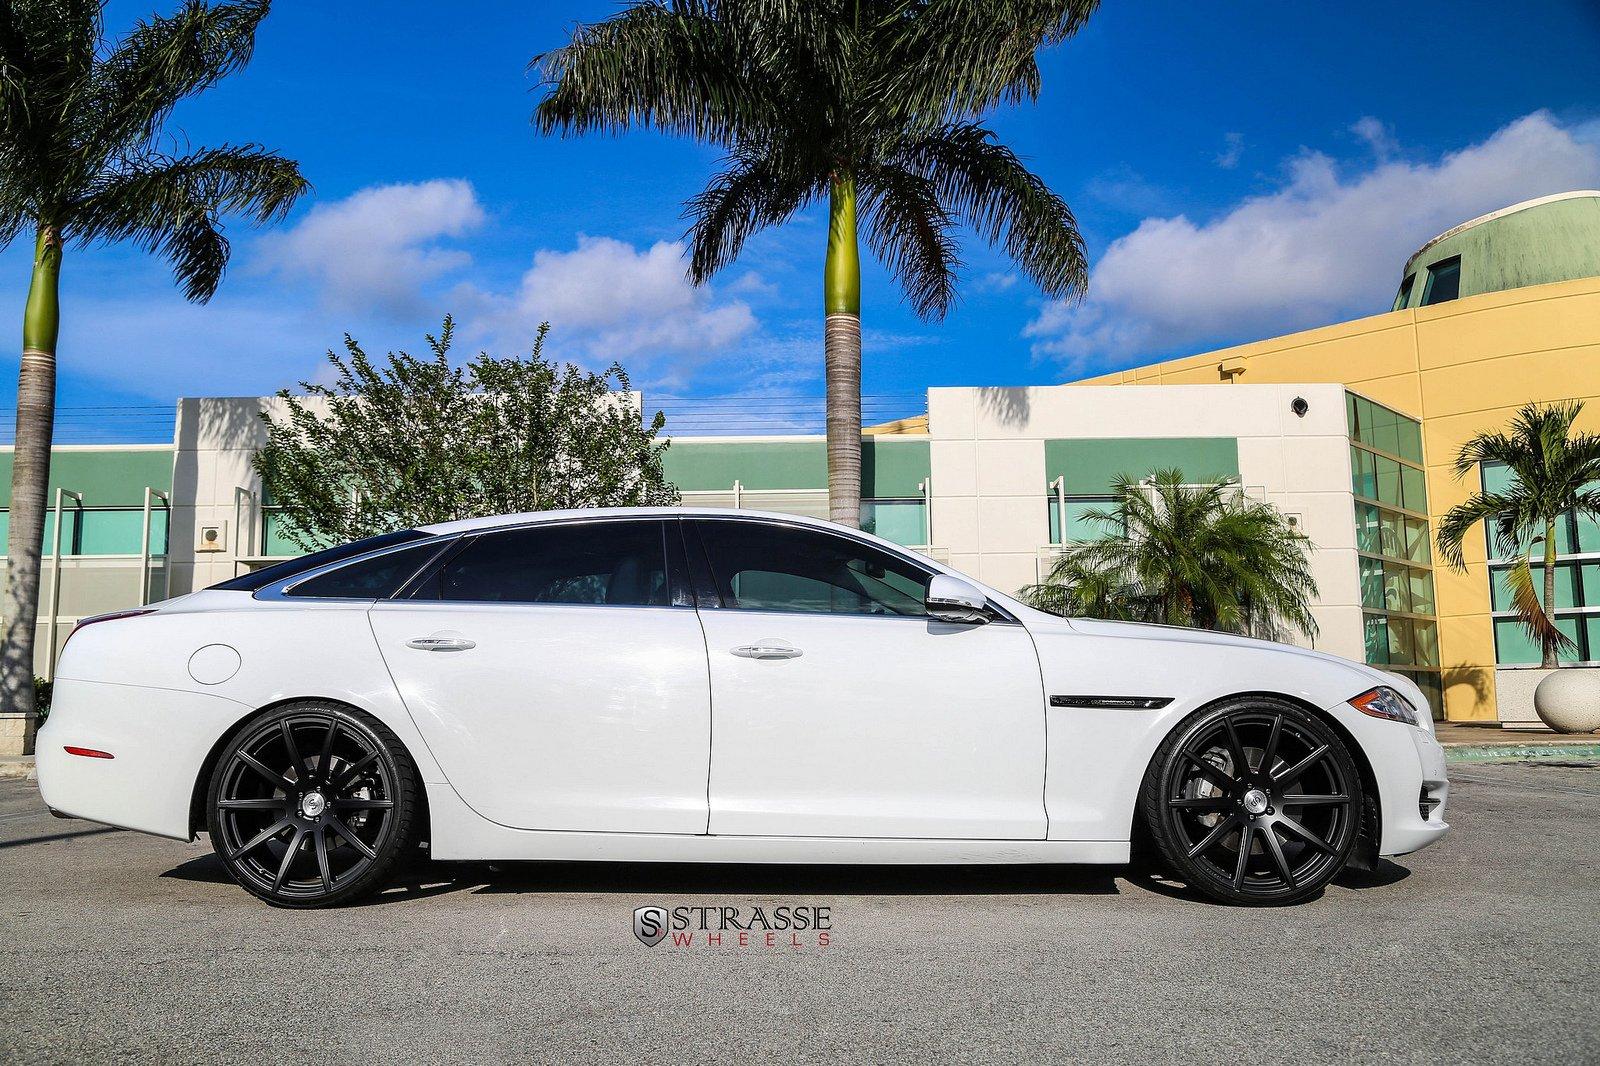 jaguar xjl strasse wheels tuning cars white wallpaper. Black Bedroom Furniture Sets. Home Design Ideas